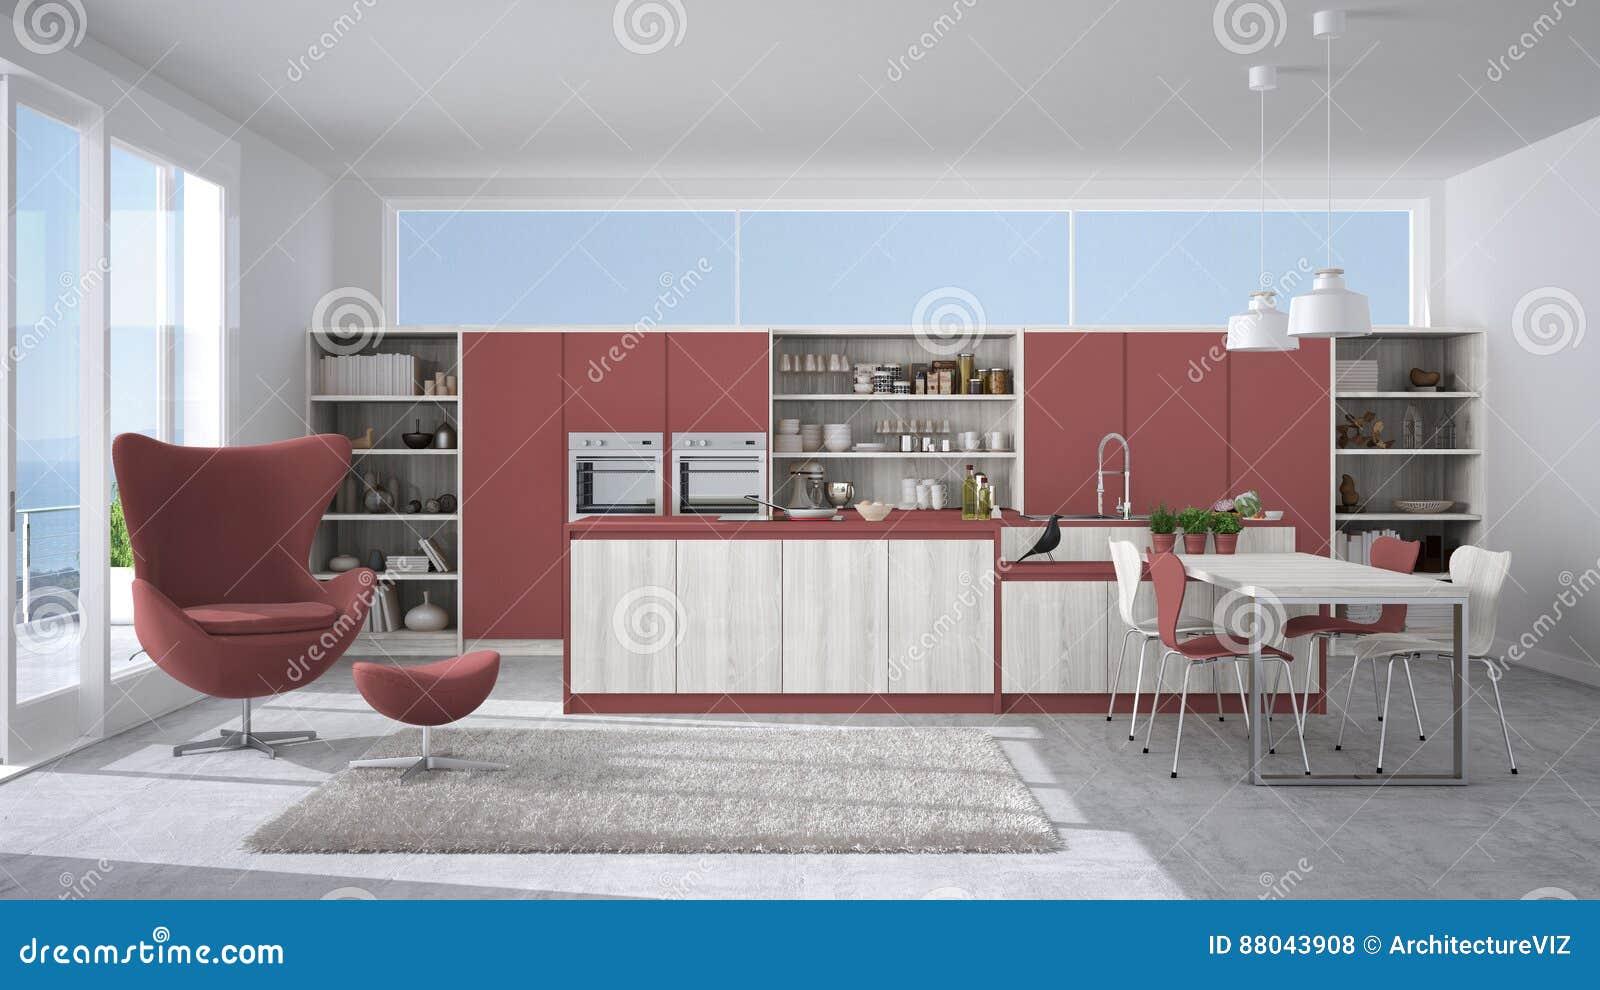 https://thumbs.dreamstime.com/z/cucina-bianca-e-rossa-moderna-con-i-dettagli-di-legno-grande-spirito-della-finestra-88043908.jpg